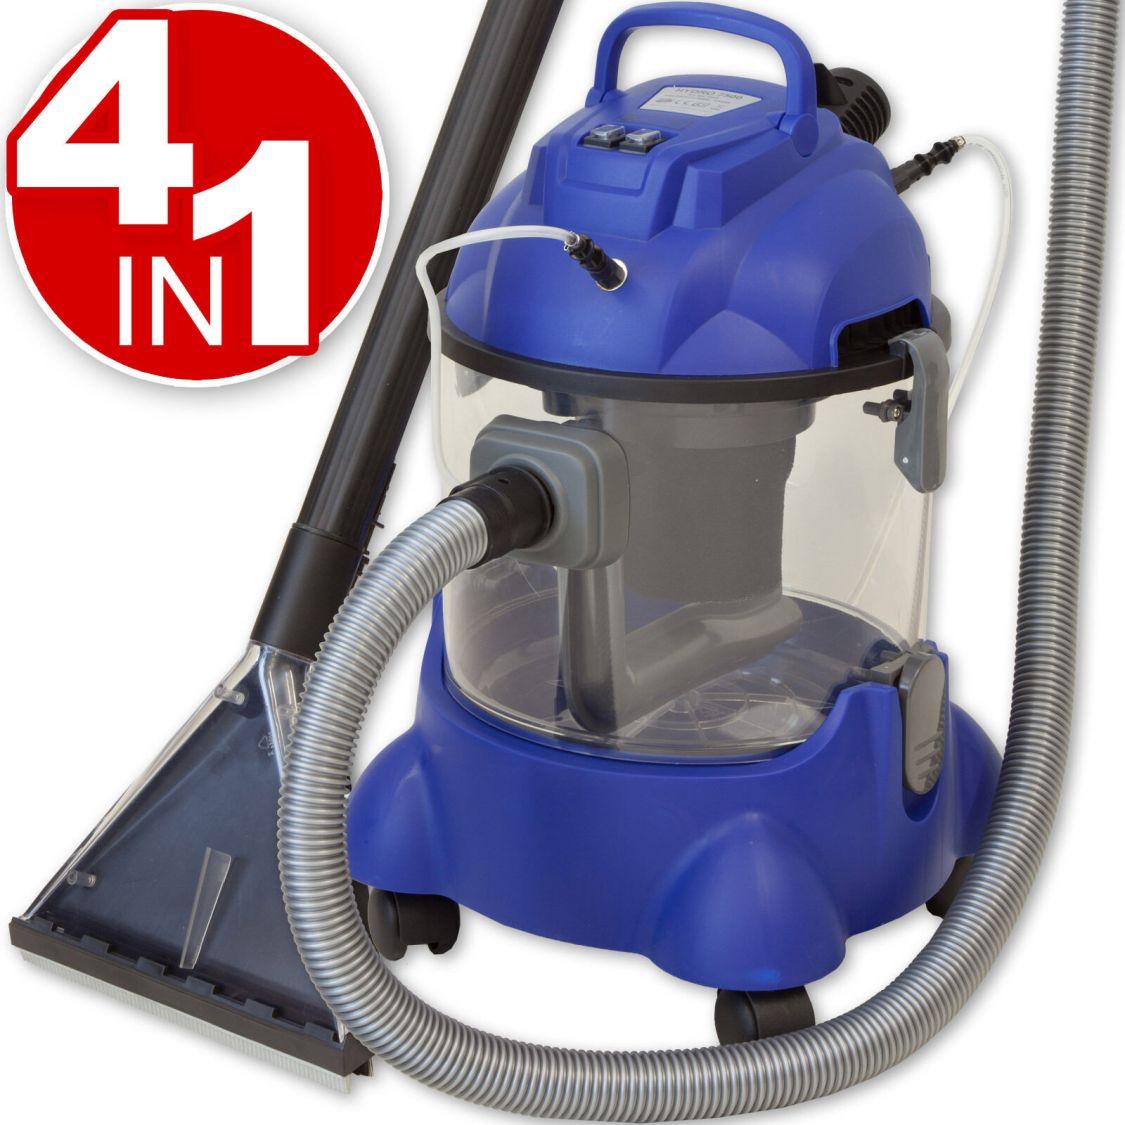 Waschsauger Teppichreiniger HYDRO 7500 Shampoonierer - Testurteil: